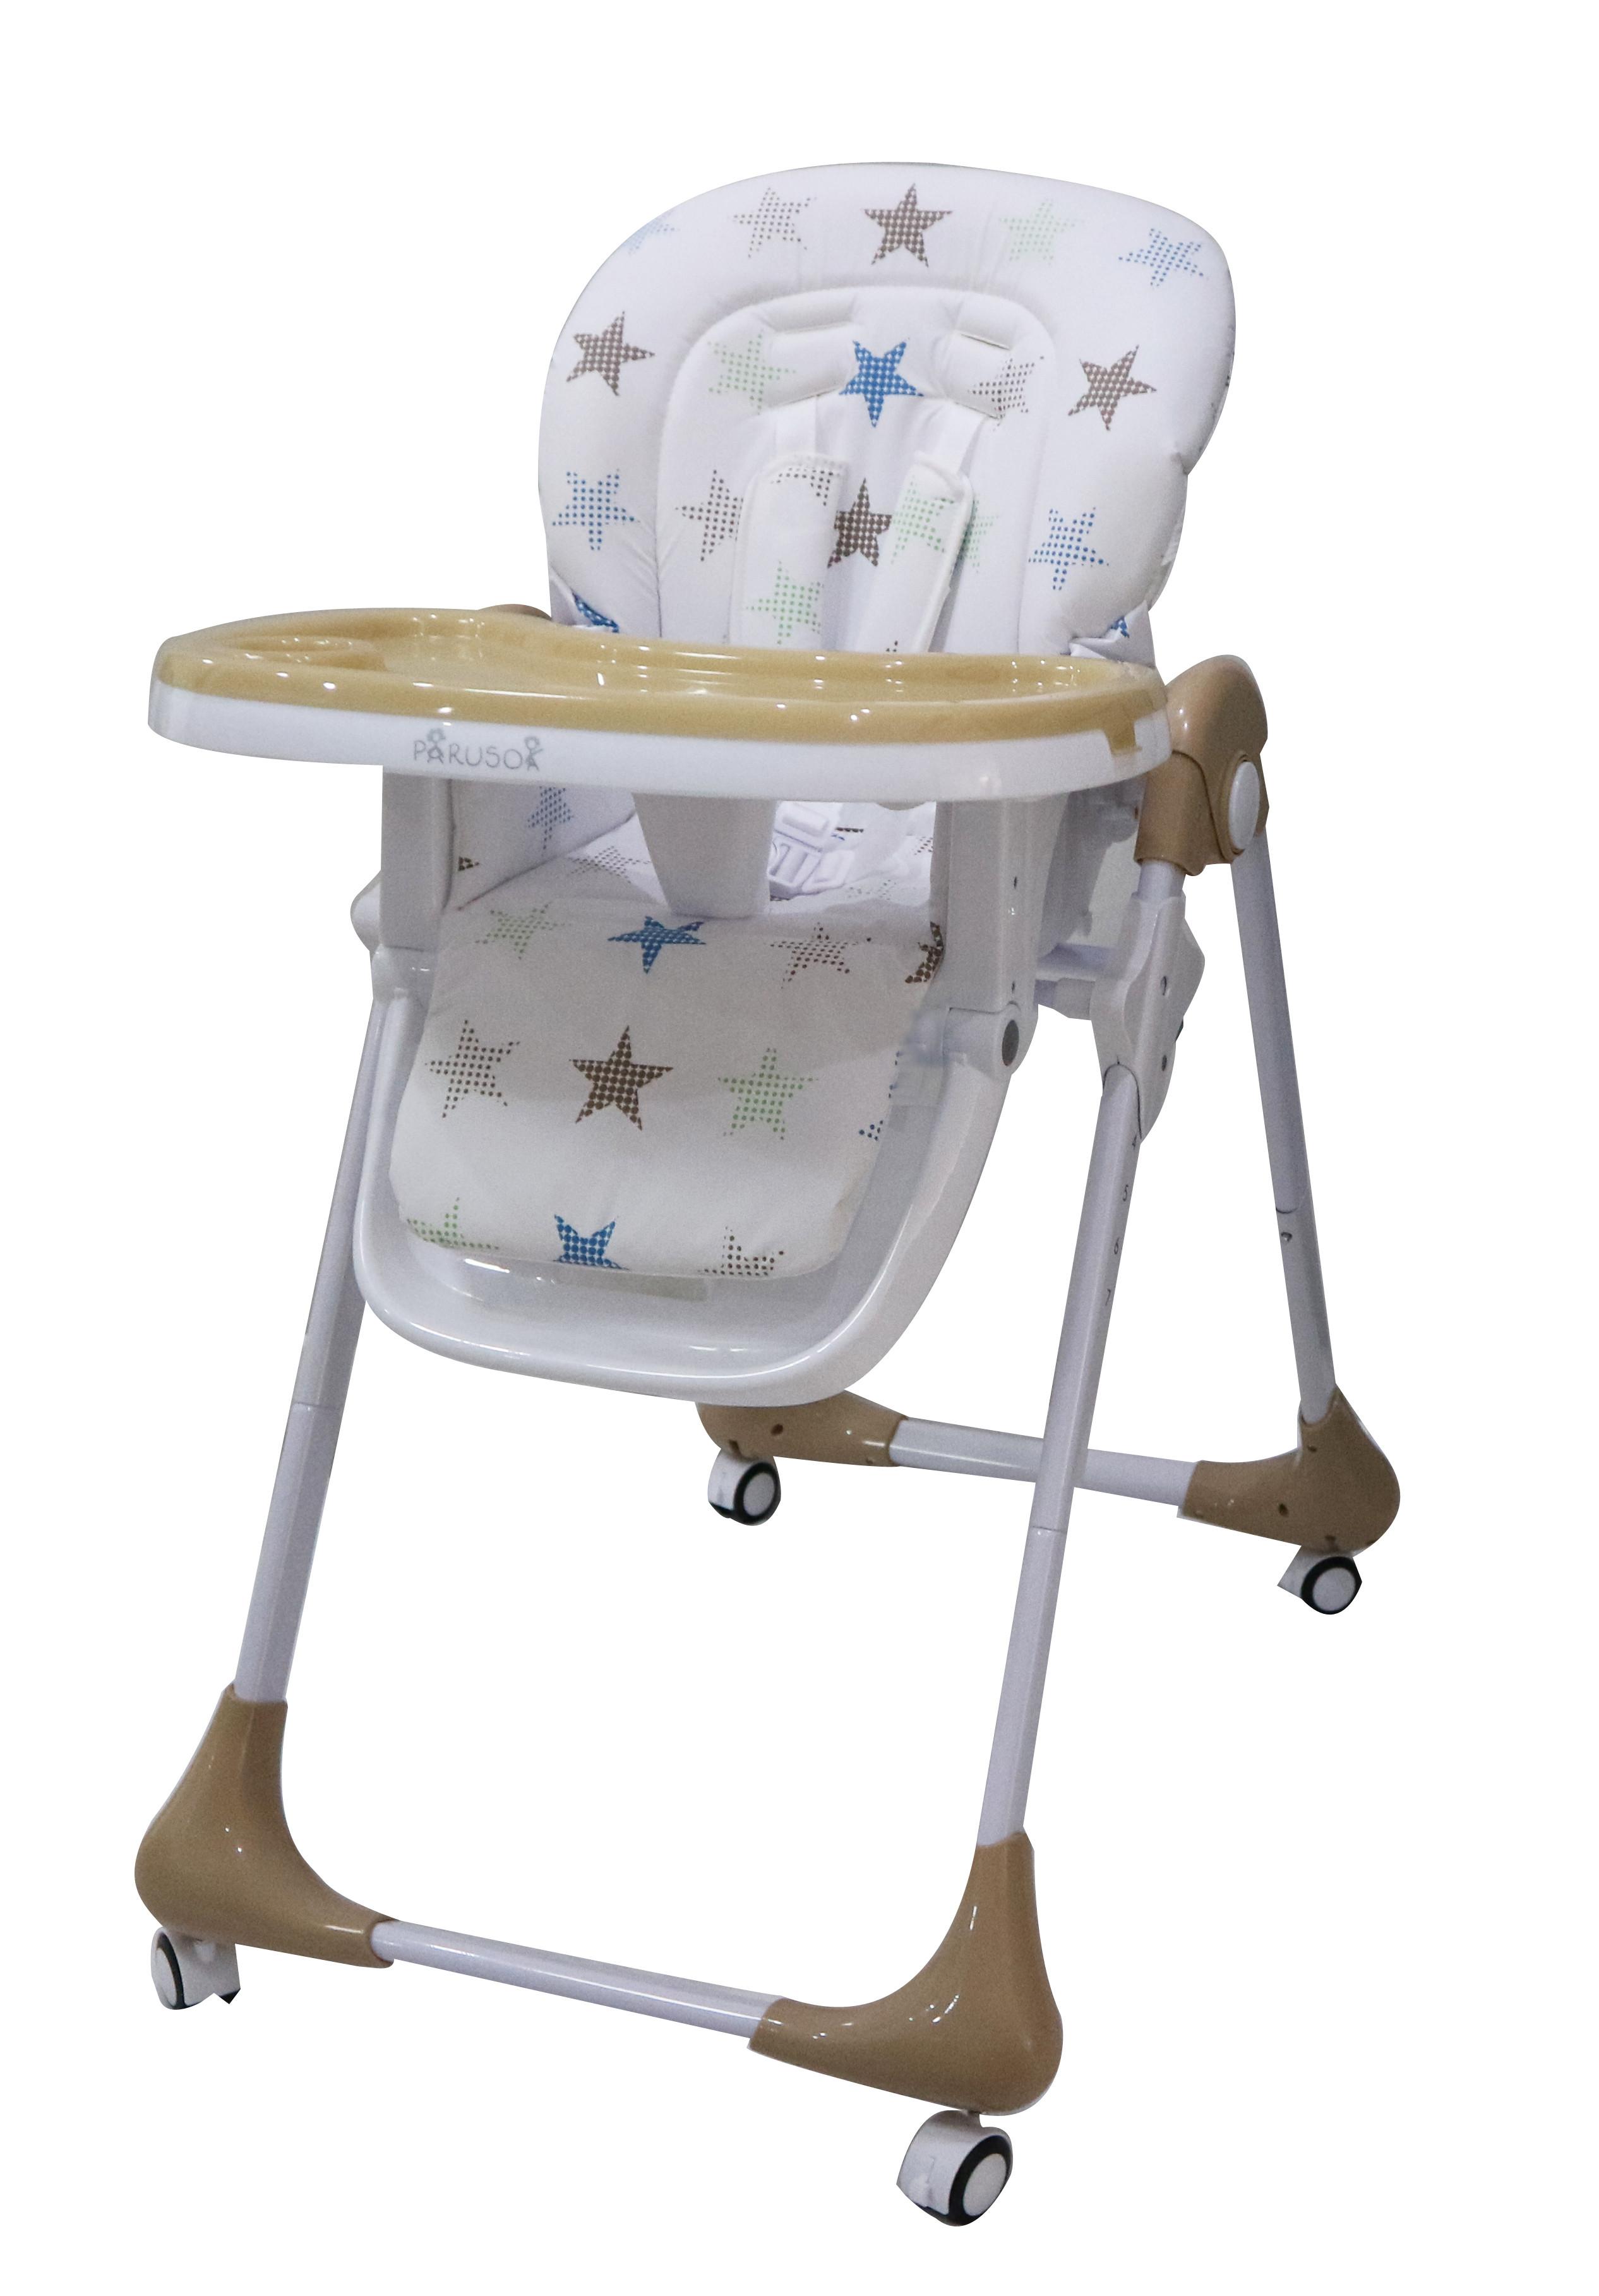 Стульчики для кормления малышей Parusok YQ-B003S стульчик для кормления parusok коралловый